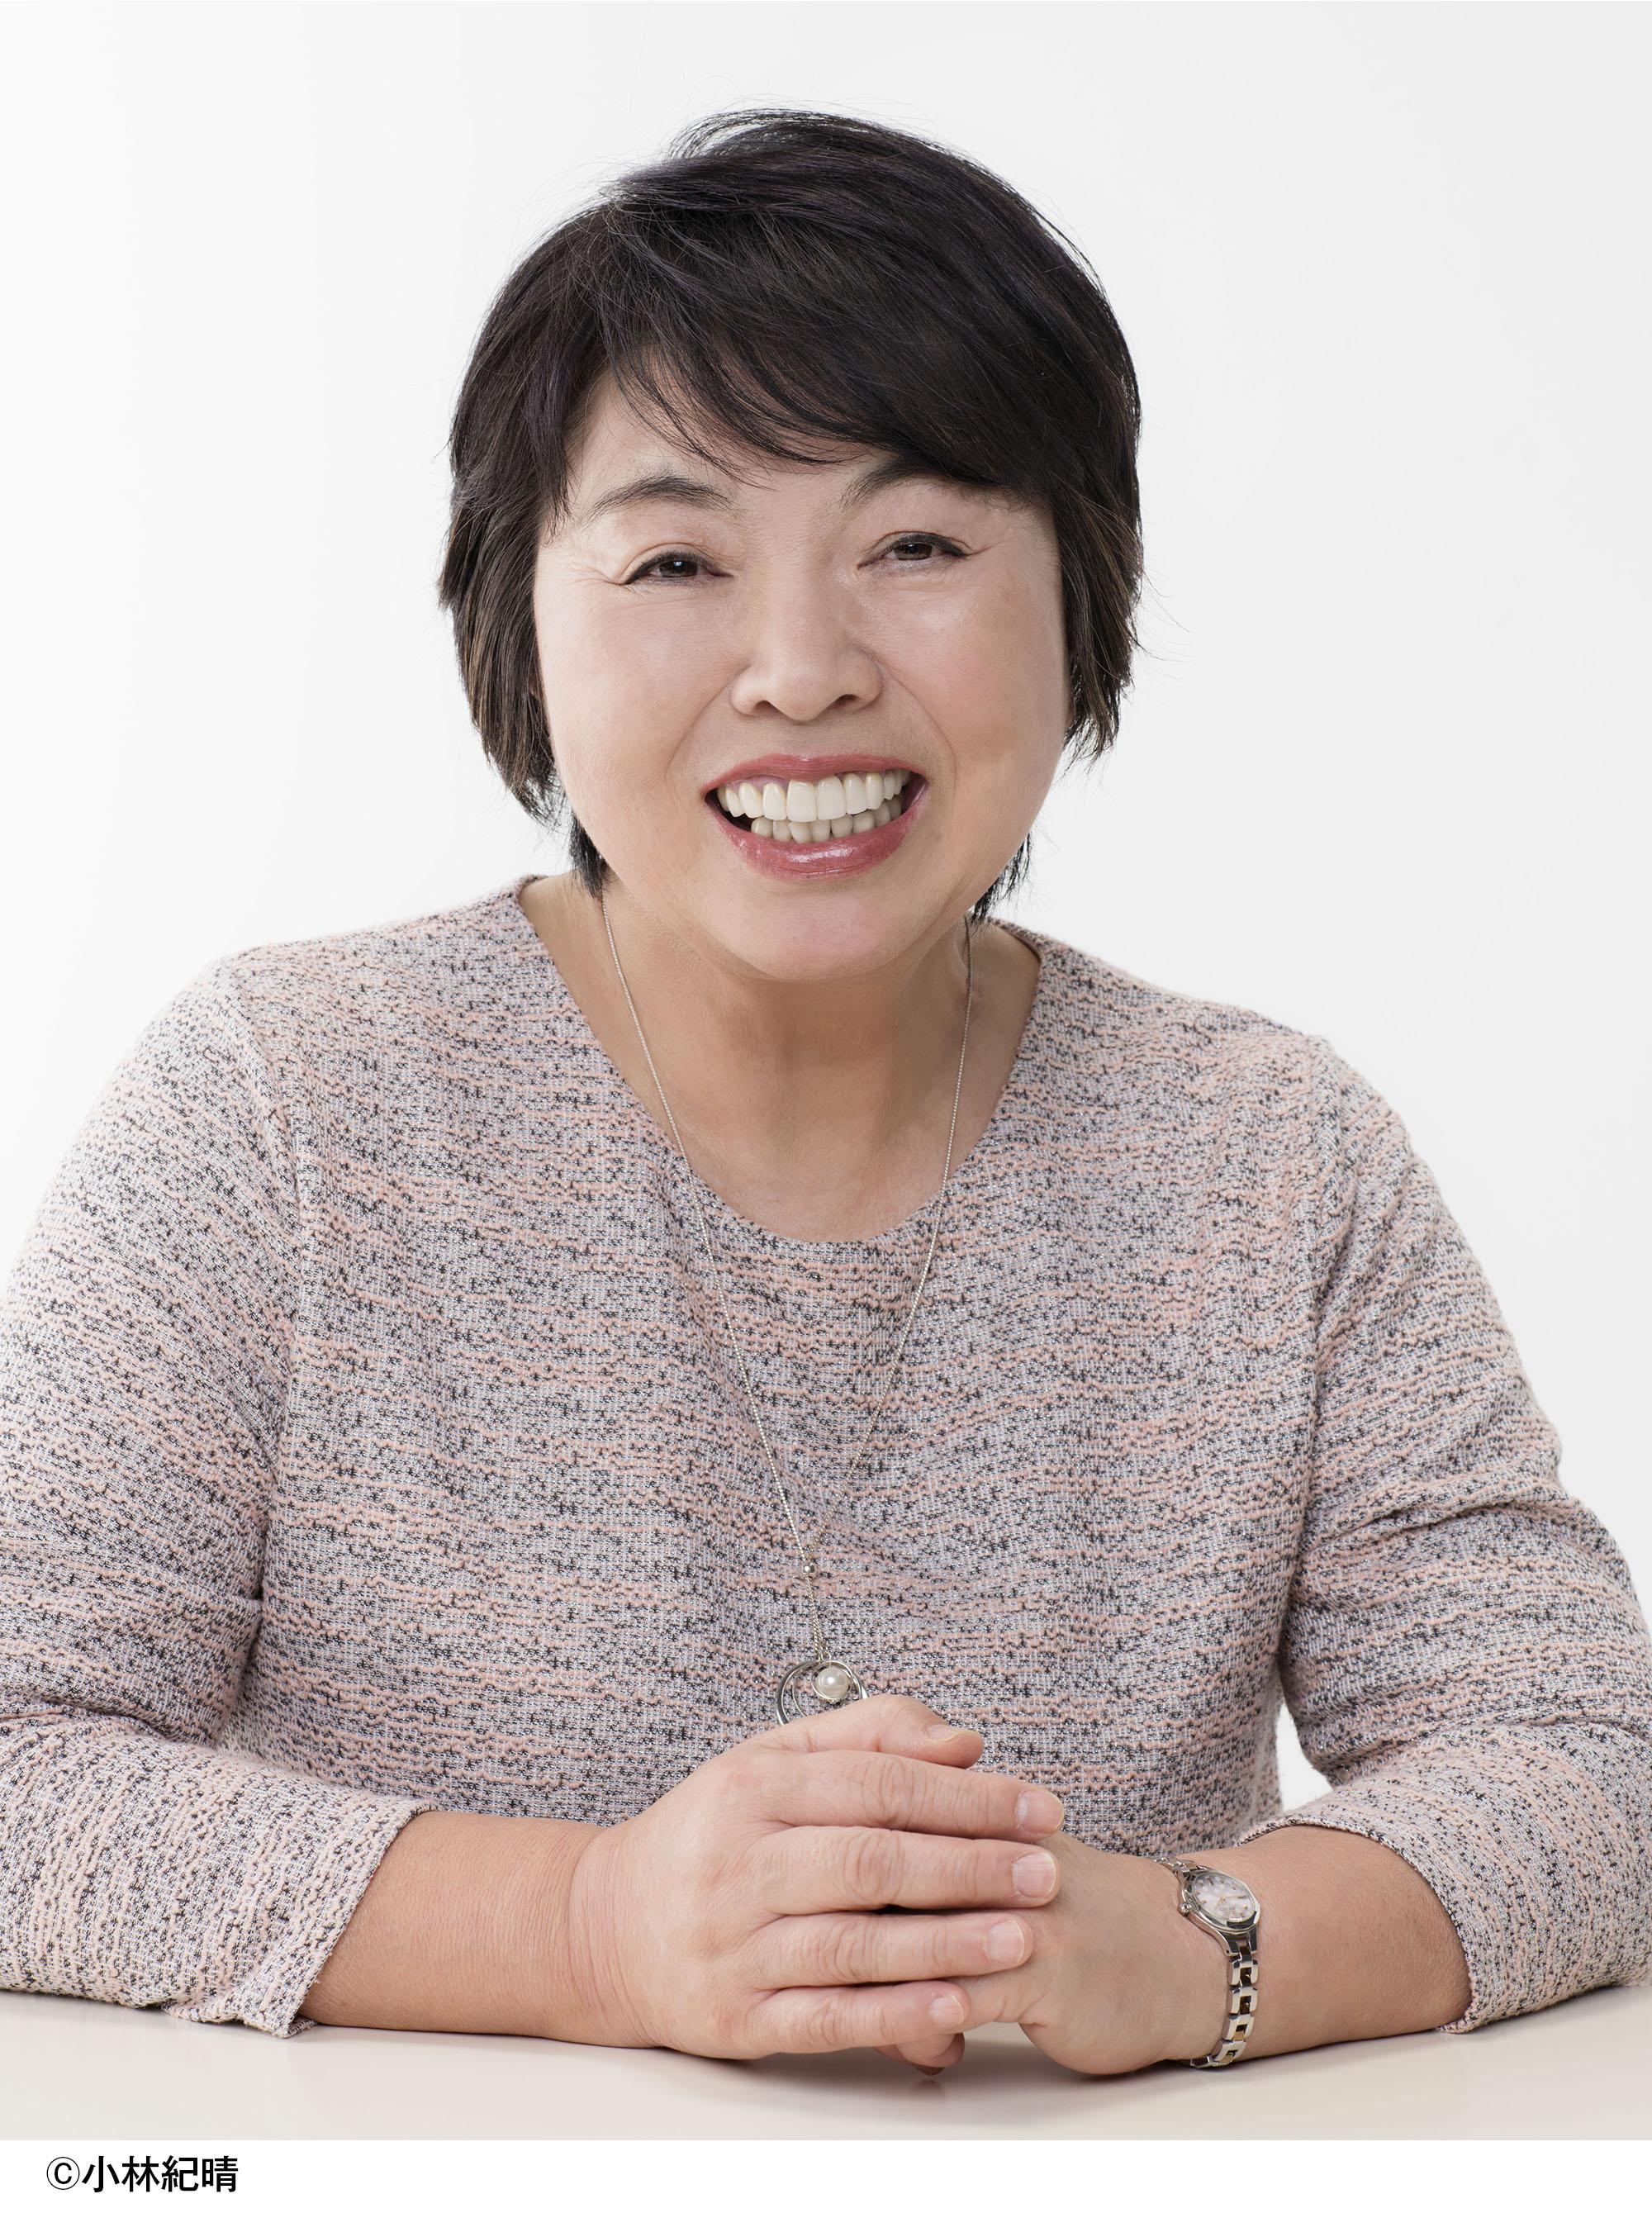 第158回芥川賞受賞記念 若竹千佐子さんサイン会